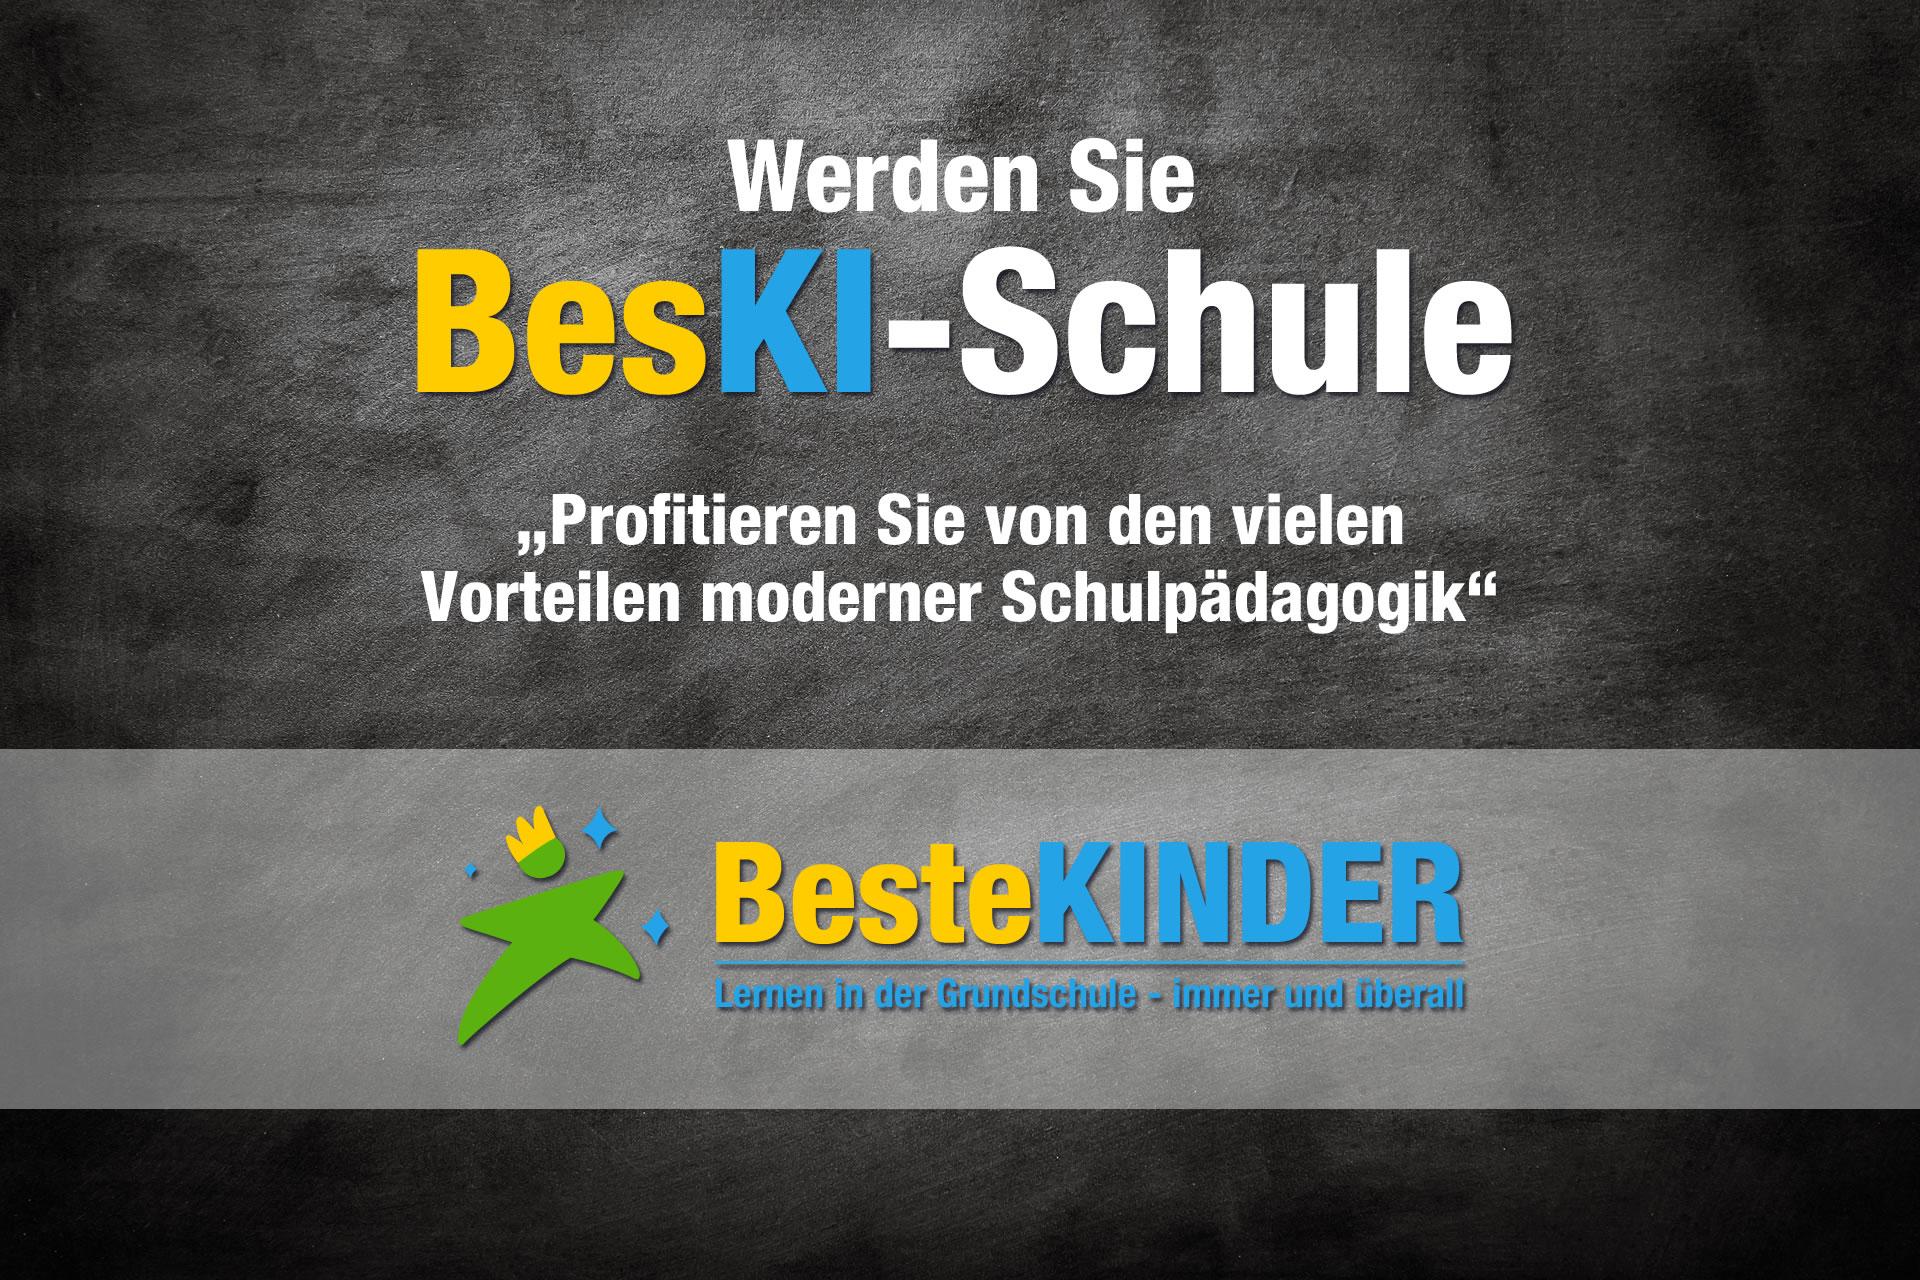 BesKI-Schule